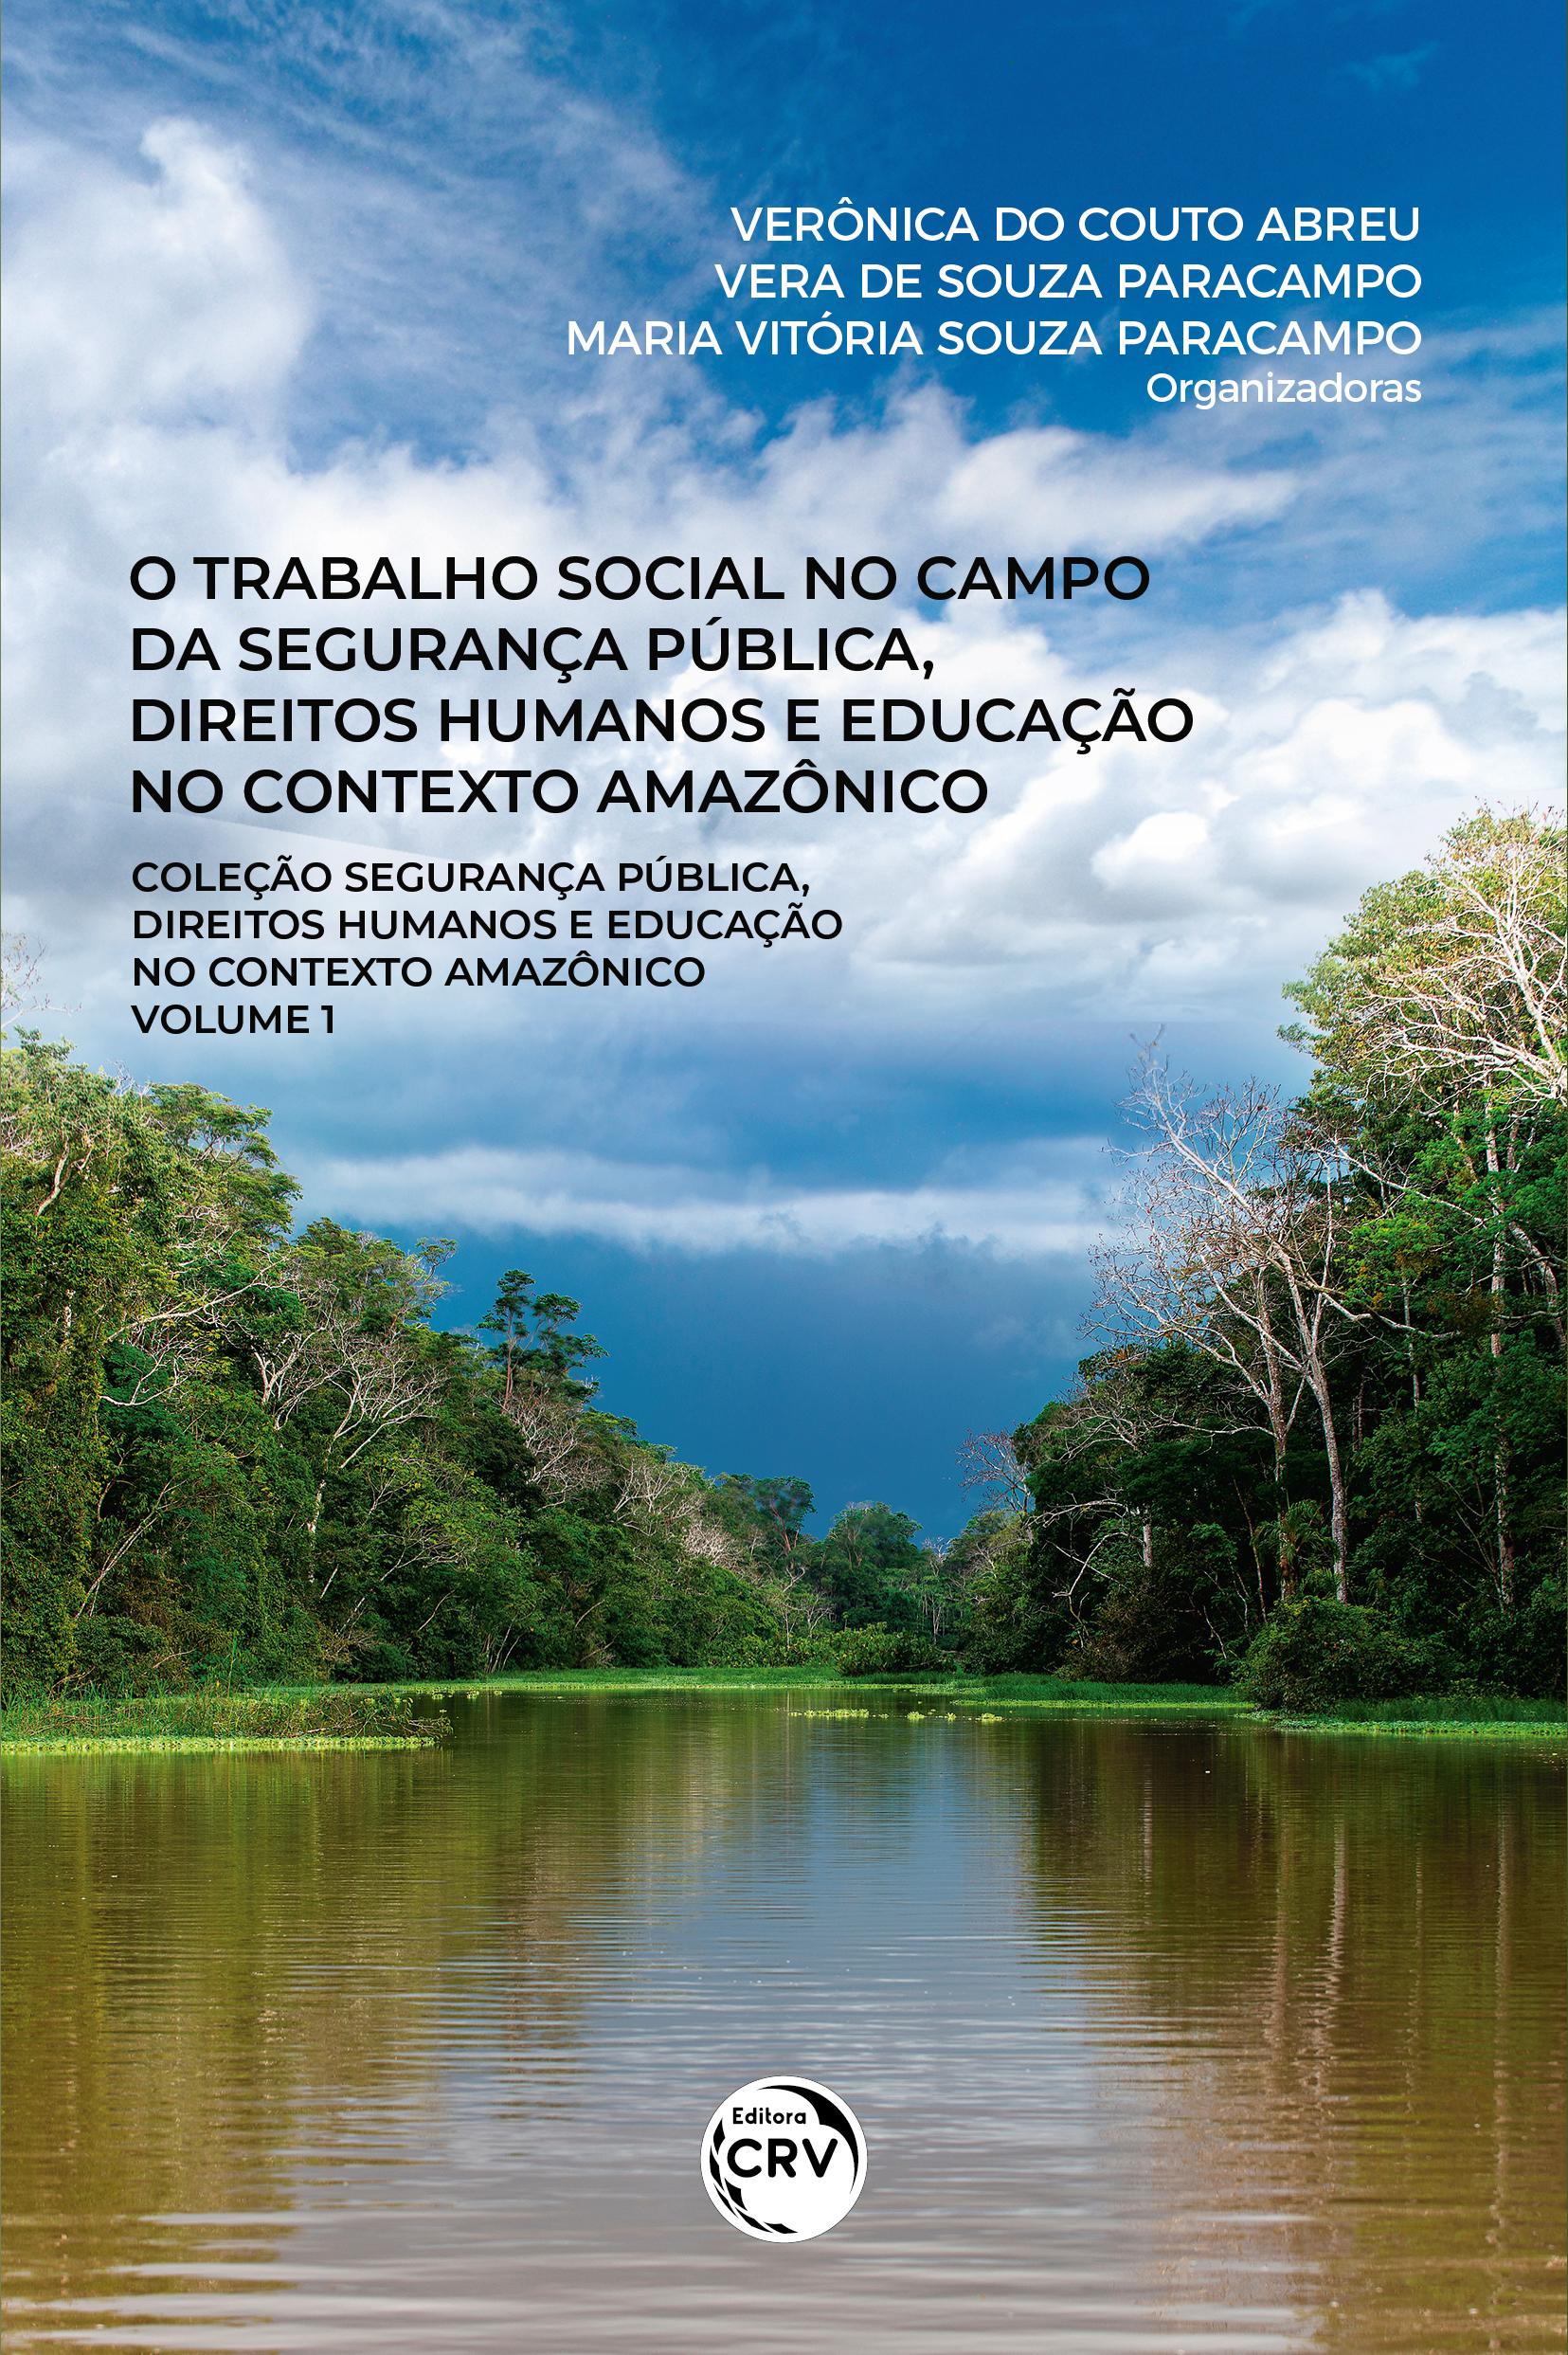 Capa do livro: O TRABALHO SOCIAL NO CAMPO DA SEGURANÇA PÚBLICA, DIREITOS HUMANOS E EDUCAÇÃO NO CONTEXTO AMAZÔNICO <br>Coleção Segurança pública, direitos humanos e educação no contexto amazônico <br>Volume 1